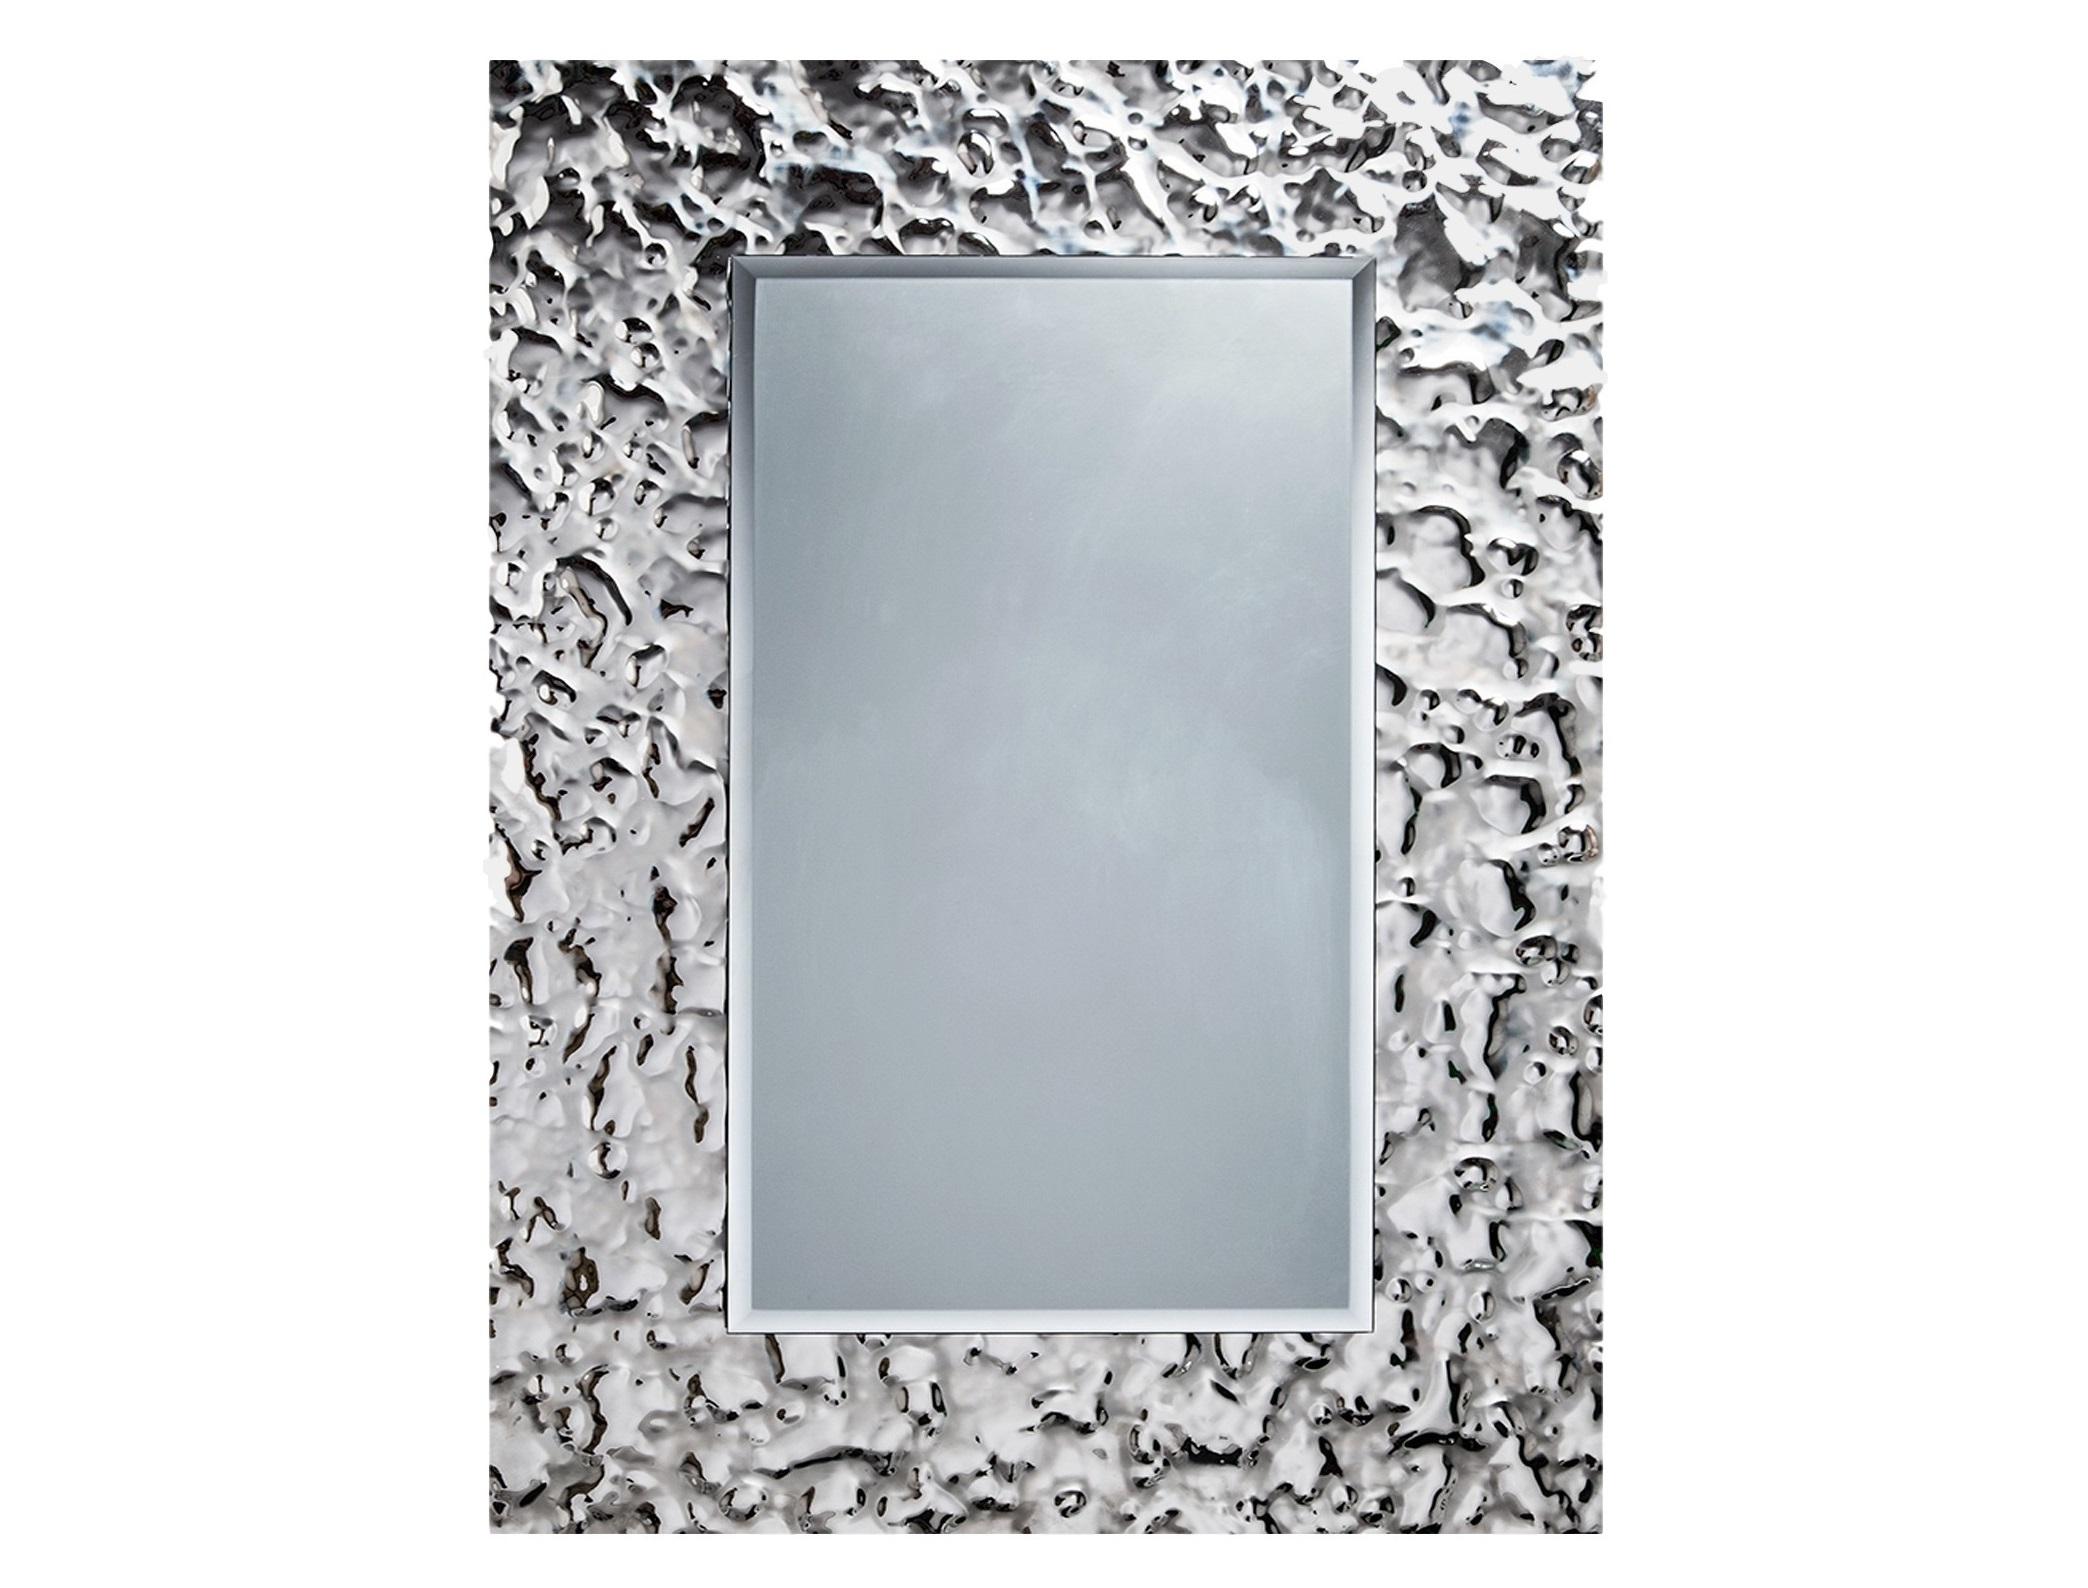 Зеркало Прямоугольник AquaНастенные зеркала<br>Прямоугольное зеркало – казалось бы, что в этом необычного? Объемная стеклянная рама, изготовленная по авторской технологии – вот главная изюминка этого изделия. Преломляя лучи света, поверхность прямоугольного зеркала пестрит разноцветными огнями, словно флиртуя с каждым прохожим. Такое зеркало уже не может быть просто дополнением к интерьеру. Это, скорее, эффективный инструмент преображения любого пространства.  Обрамление зеркала имитирует поверхность воды, застывшую на долю секунды .  Зеркало в собранном виде и в комплекте есть крепления.<br><br>Material: Стекло<br>Width см: 80<br>Depth см: 5<br>Height см: 120